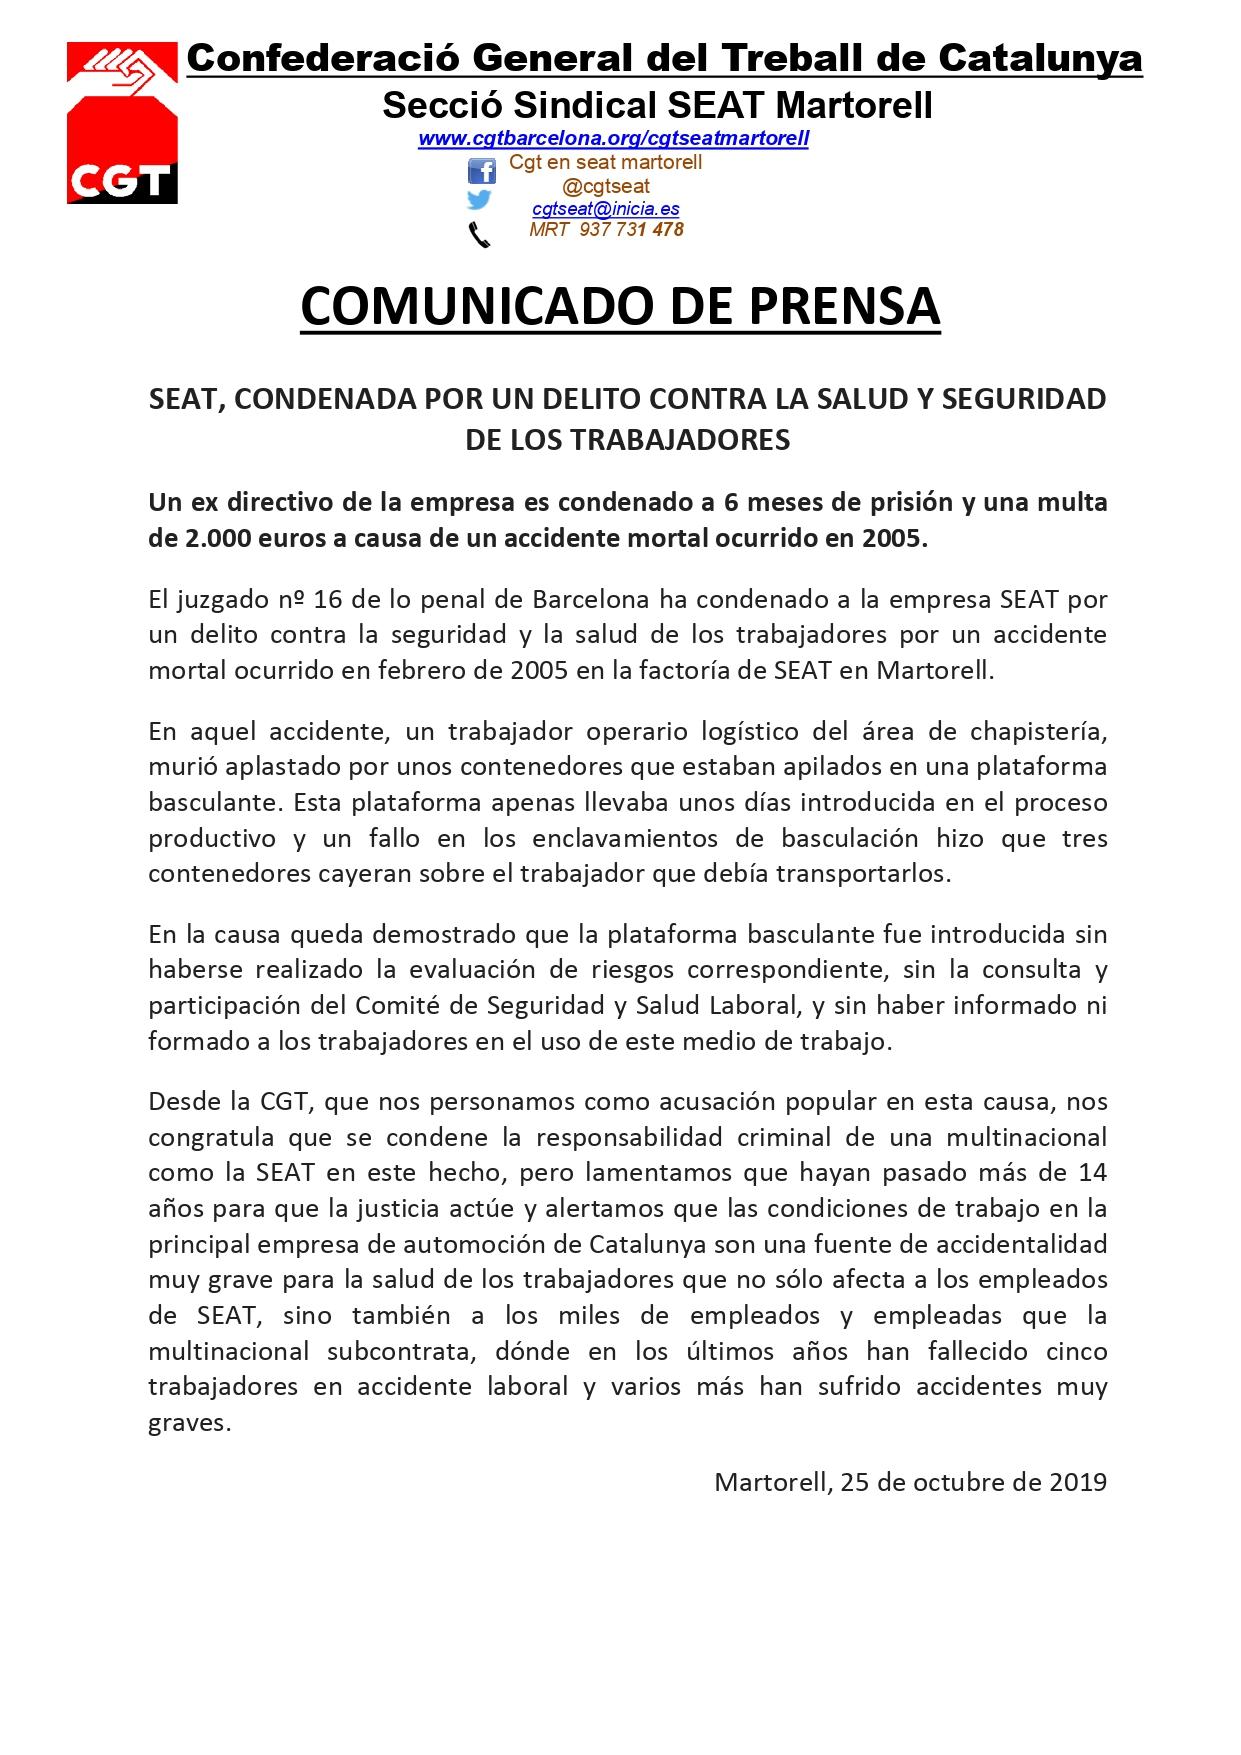 191025_CGT_NOTA DE PRENSA_page-0001